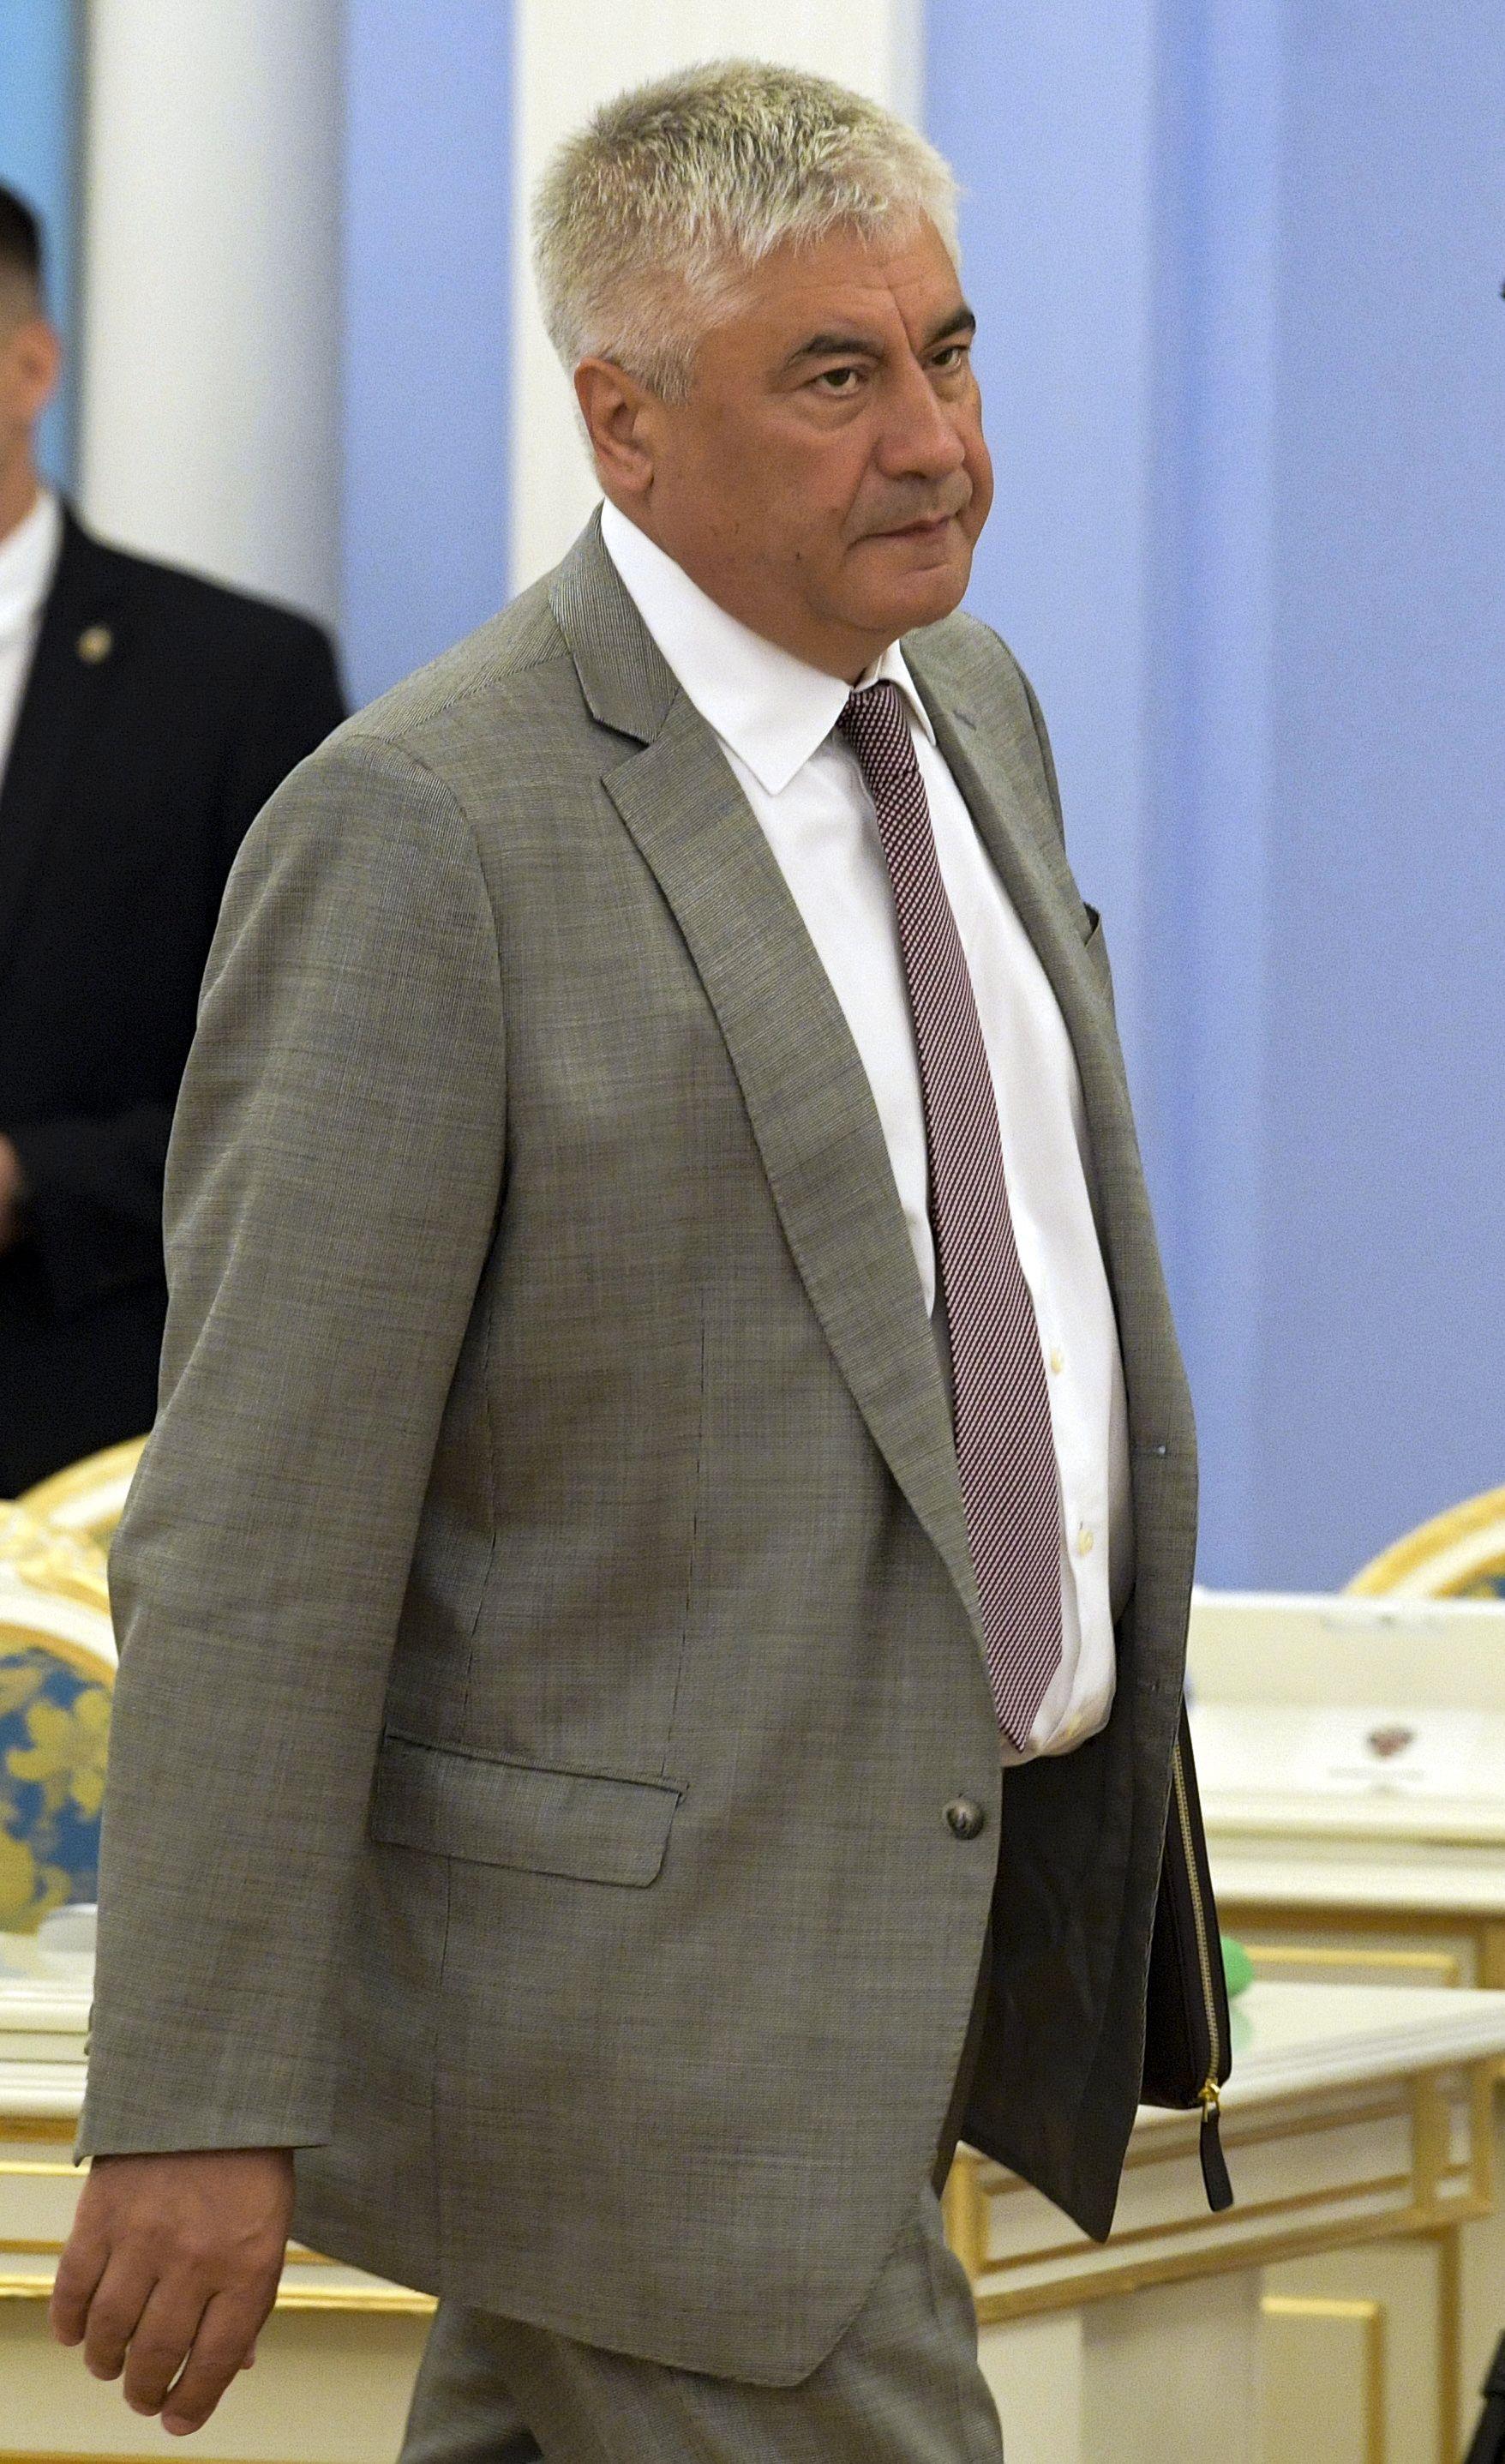 Министърът на вътрешните работи Владимир Колоколев пристига на заседание на кабинета в резиденция Горки извън Москва